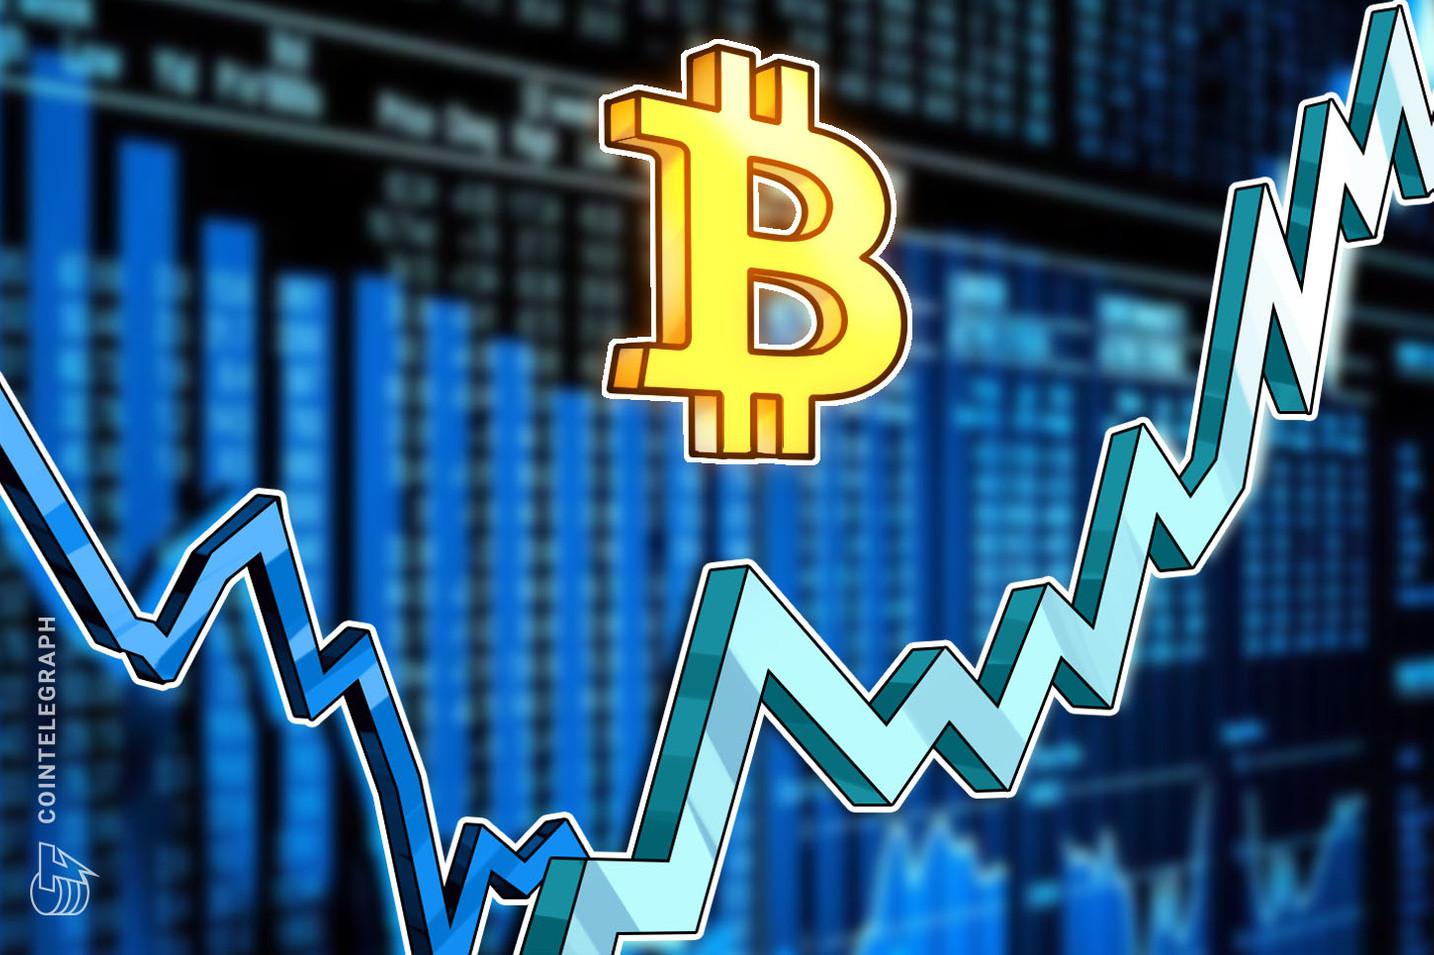 ビットコインは史上最高値に接近 73000ドルに向かう理由を解説